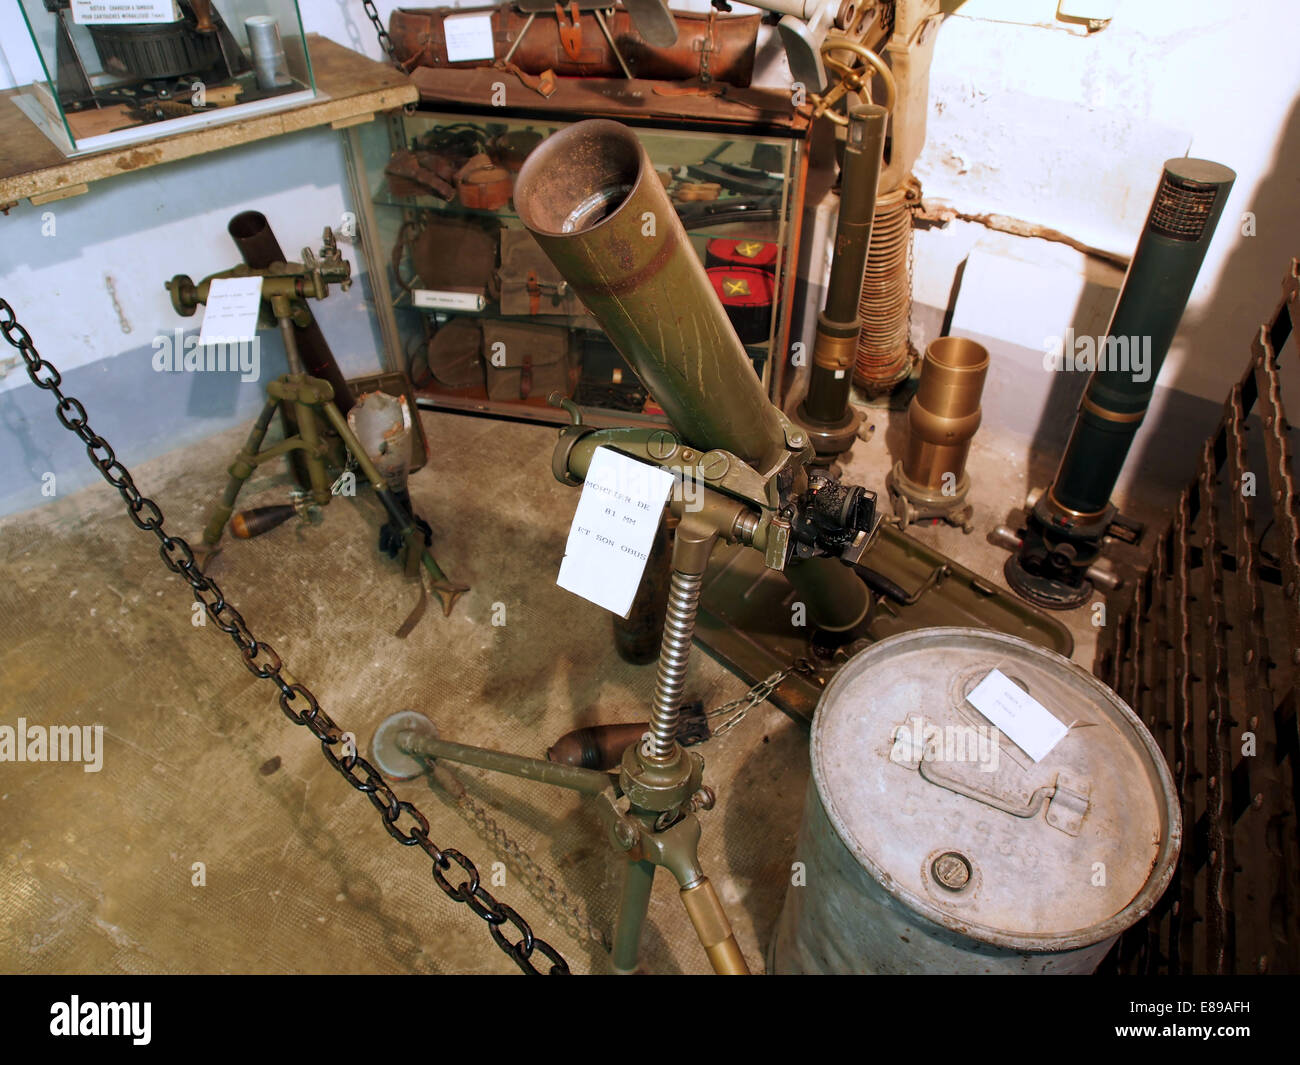 Mortier de 81mm420mm Marckolsheim, photo 1 - Stock Image